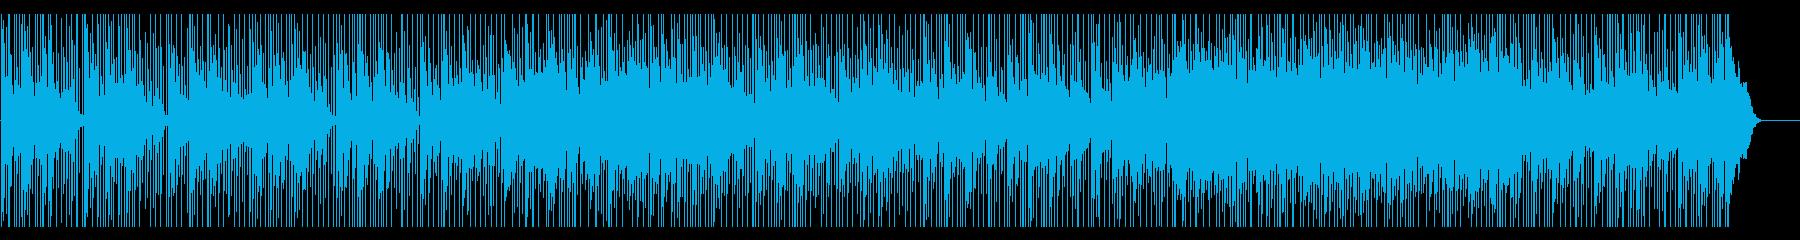 ゆったりした和の空間をイメージした楽曲の再生済みの波形